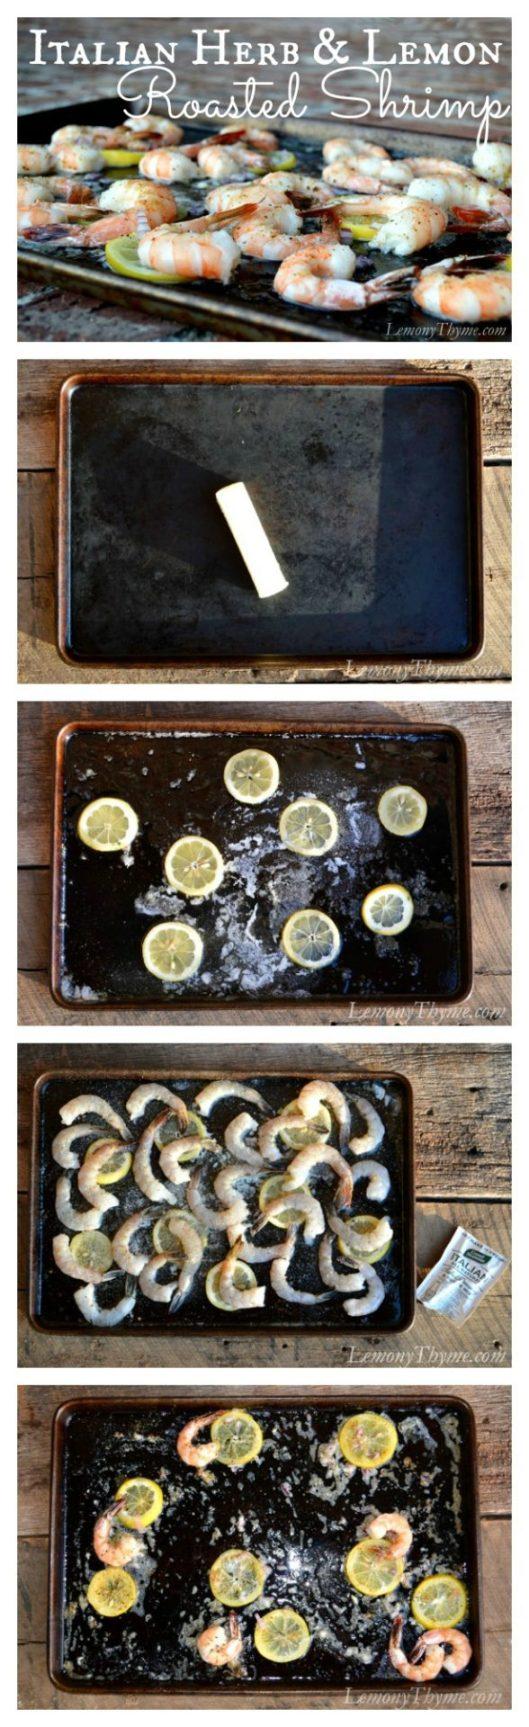 Italian Herb & Lemon Roasted Shrimp